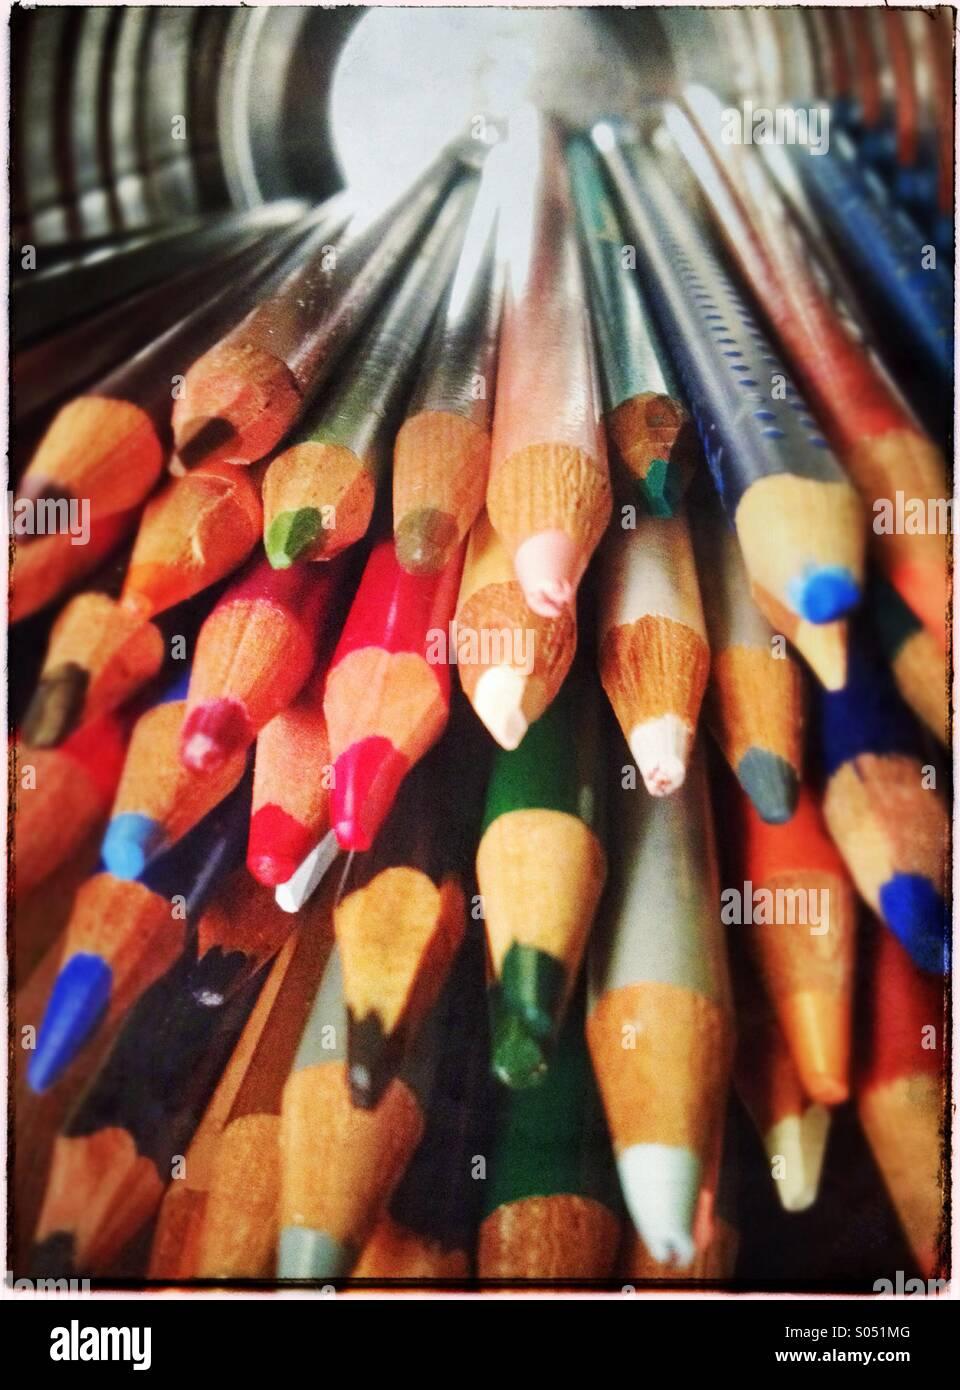 Colección de lápices de colores en lata en su lado Imagen De Stock